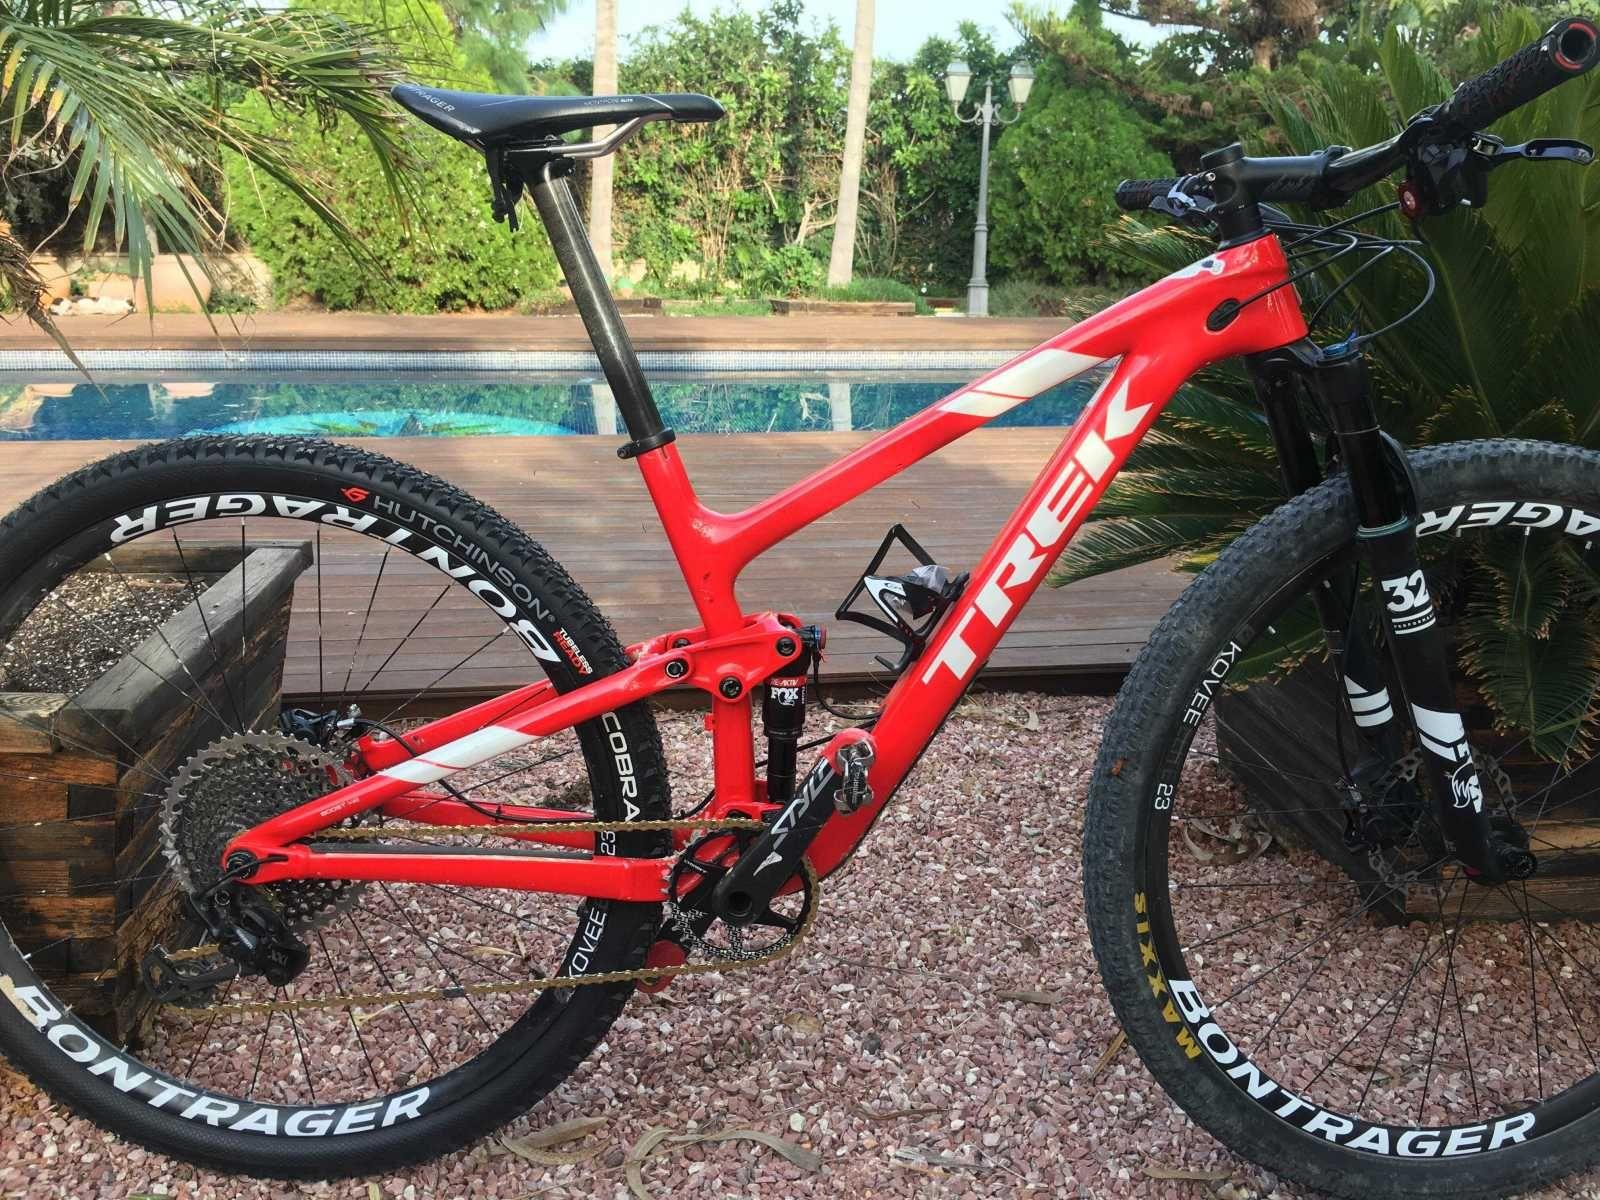 Bicicleta De Montaña Trek Top Fuel Ref 40217 Talla 17 Año 2018 Cambio Sram Xx1 Eagle Cuadro De Carbono Suspen Bicicletas Bicicletas Trek Arte Bicicleta